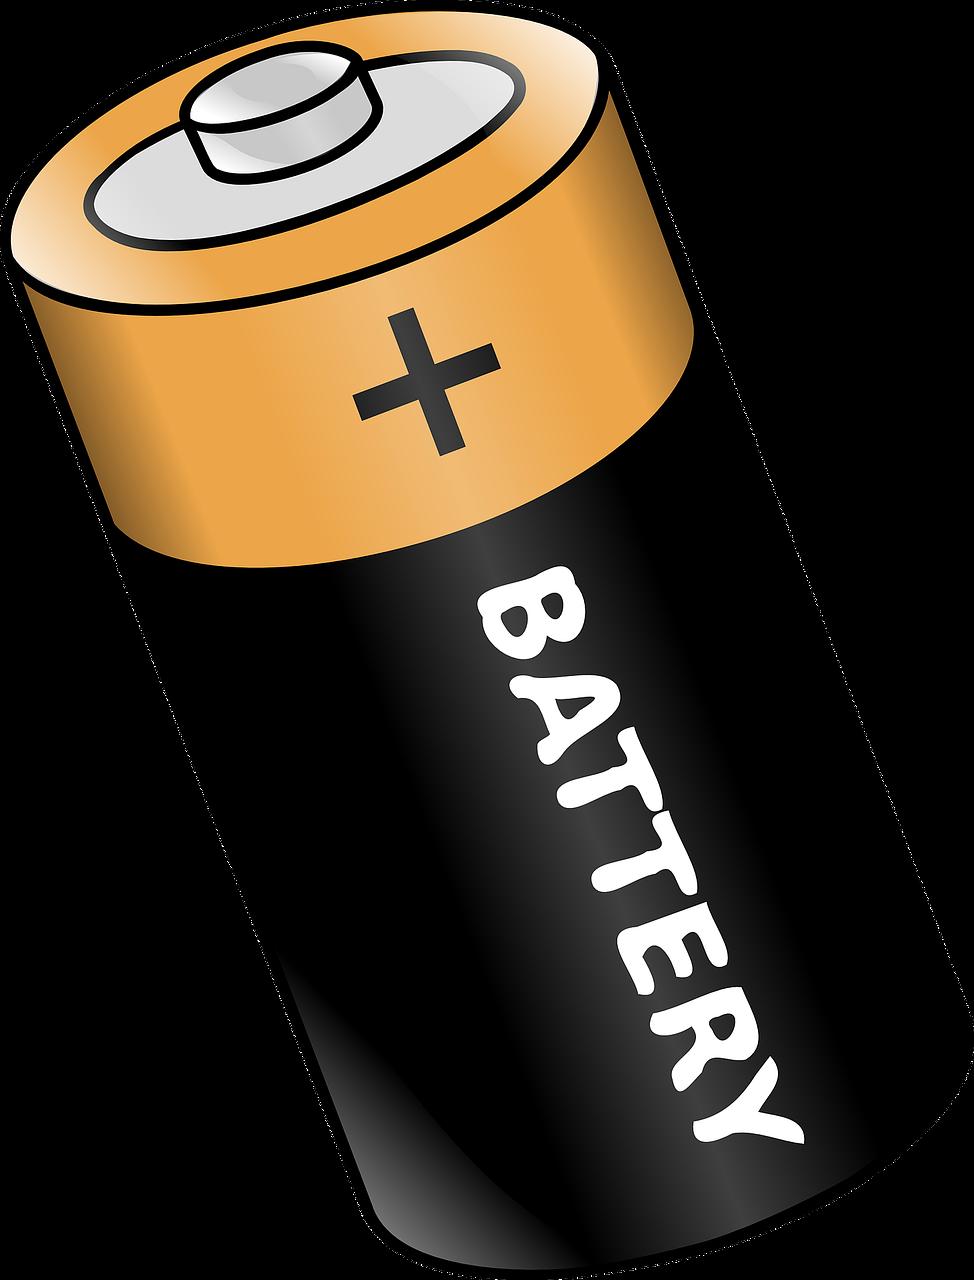 Батарейка картинки прикольные